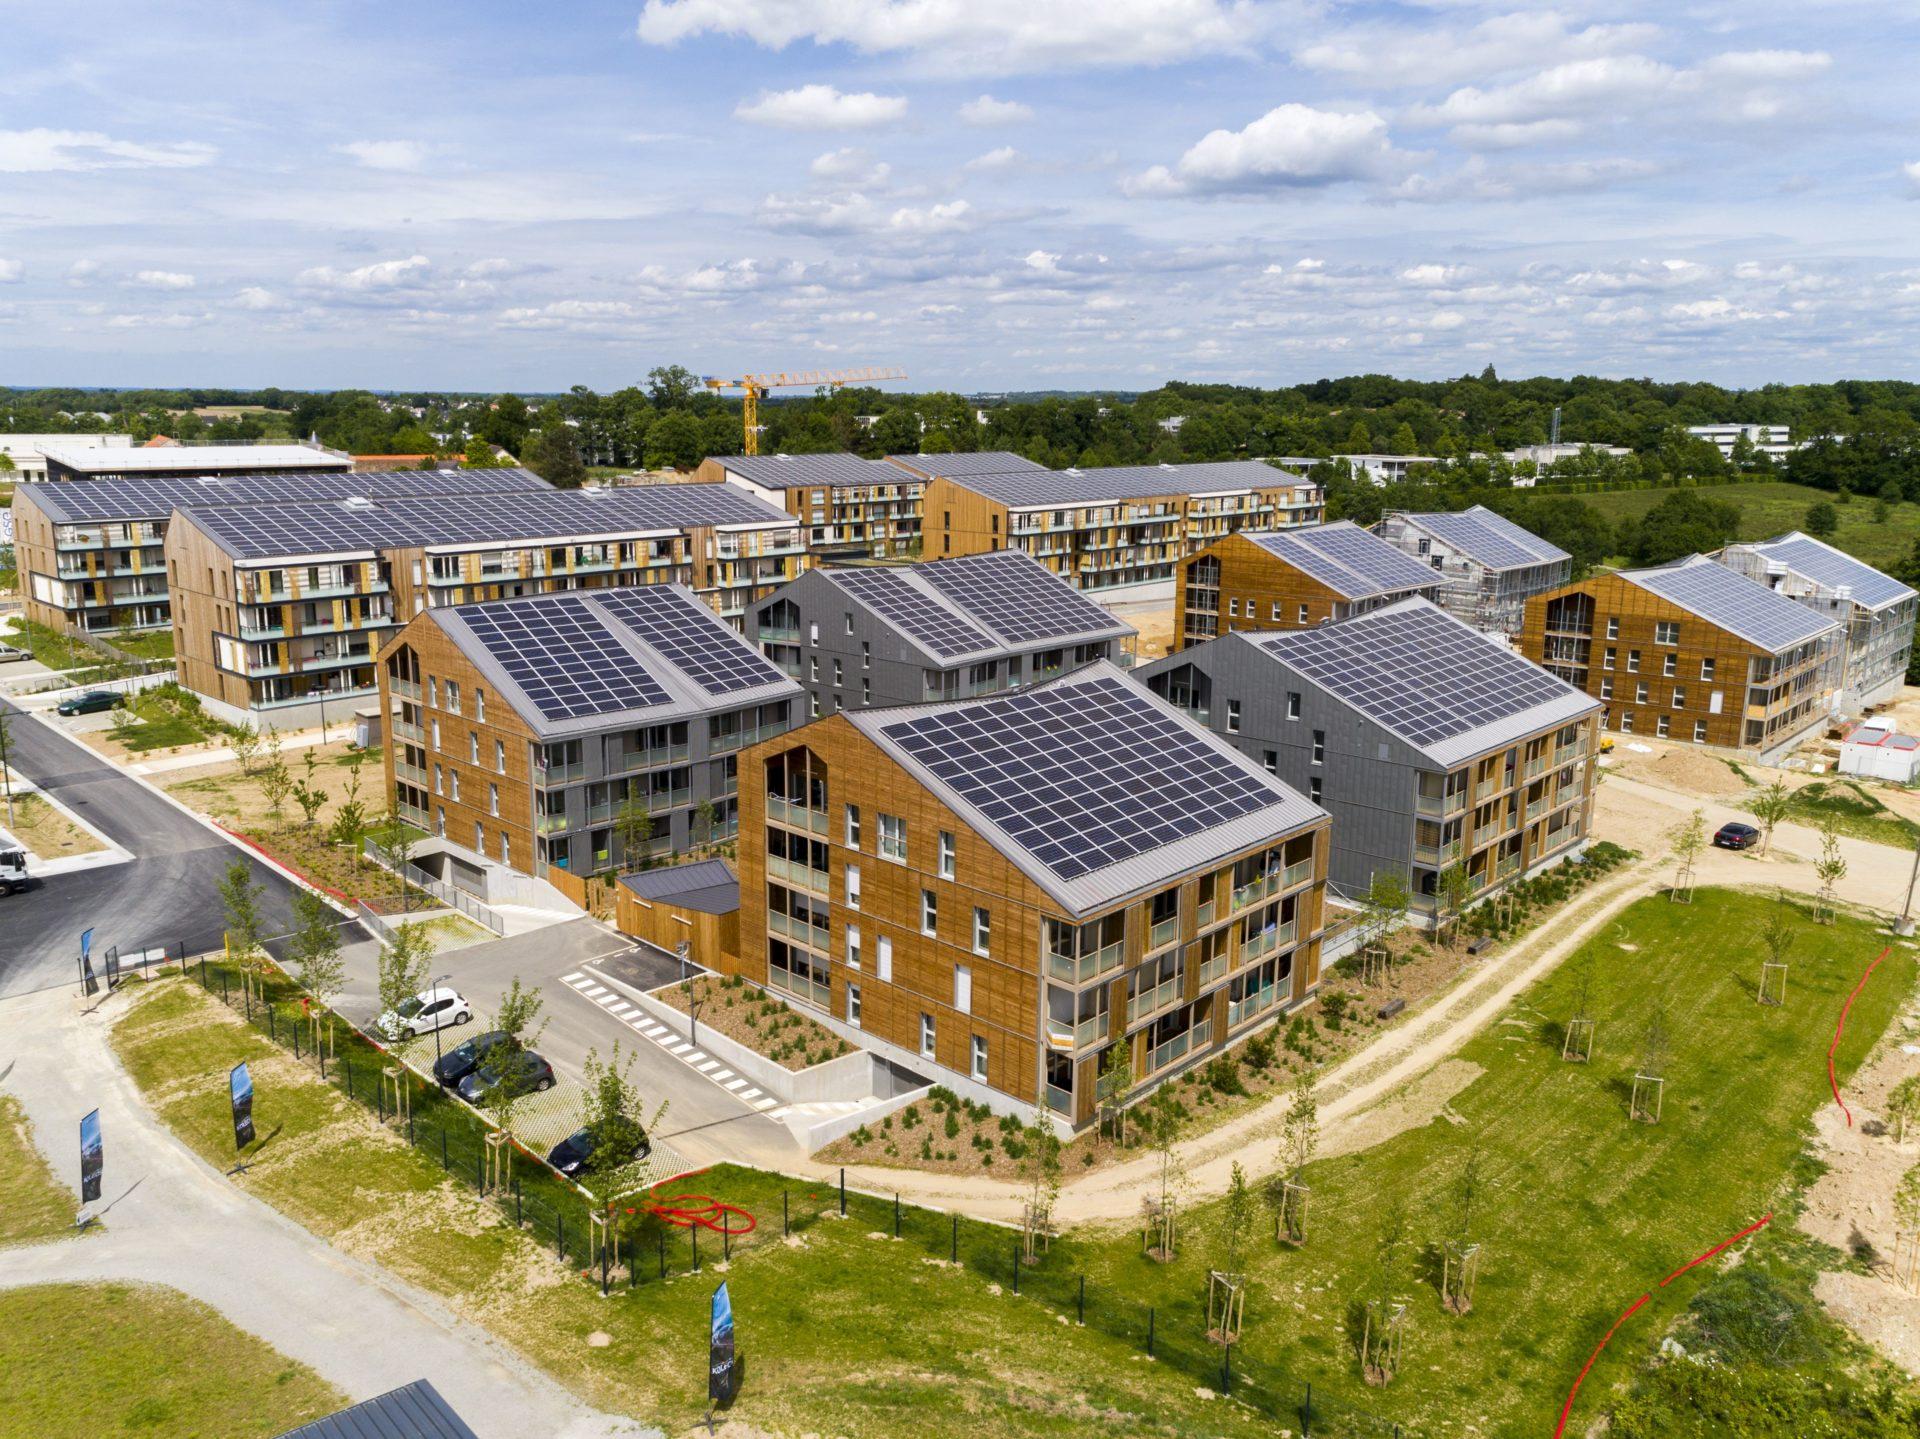 Installations photovoltaïques en toiture sur bâtiments neufs ZAC de La Fleuriaye à Carquefou (44)